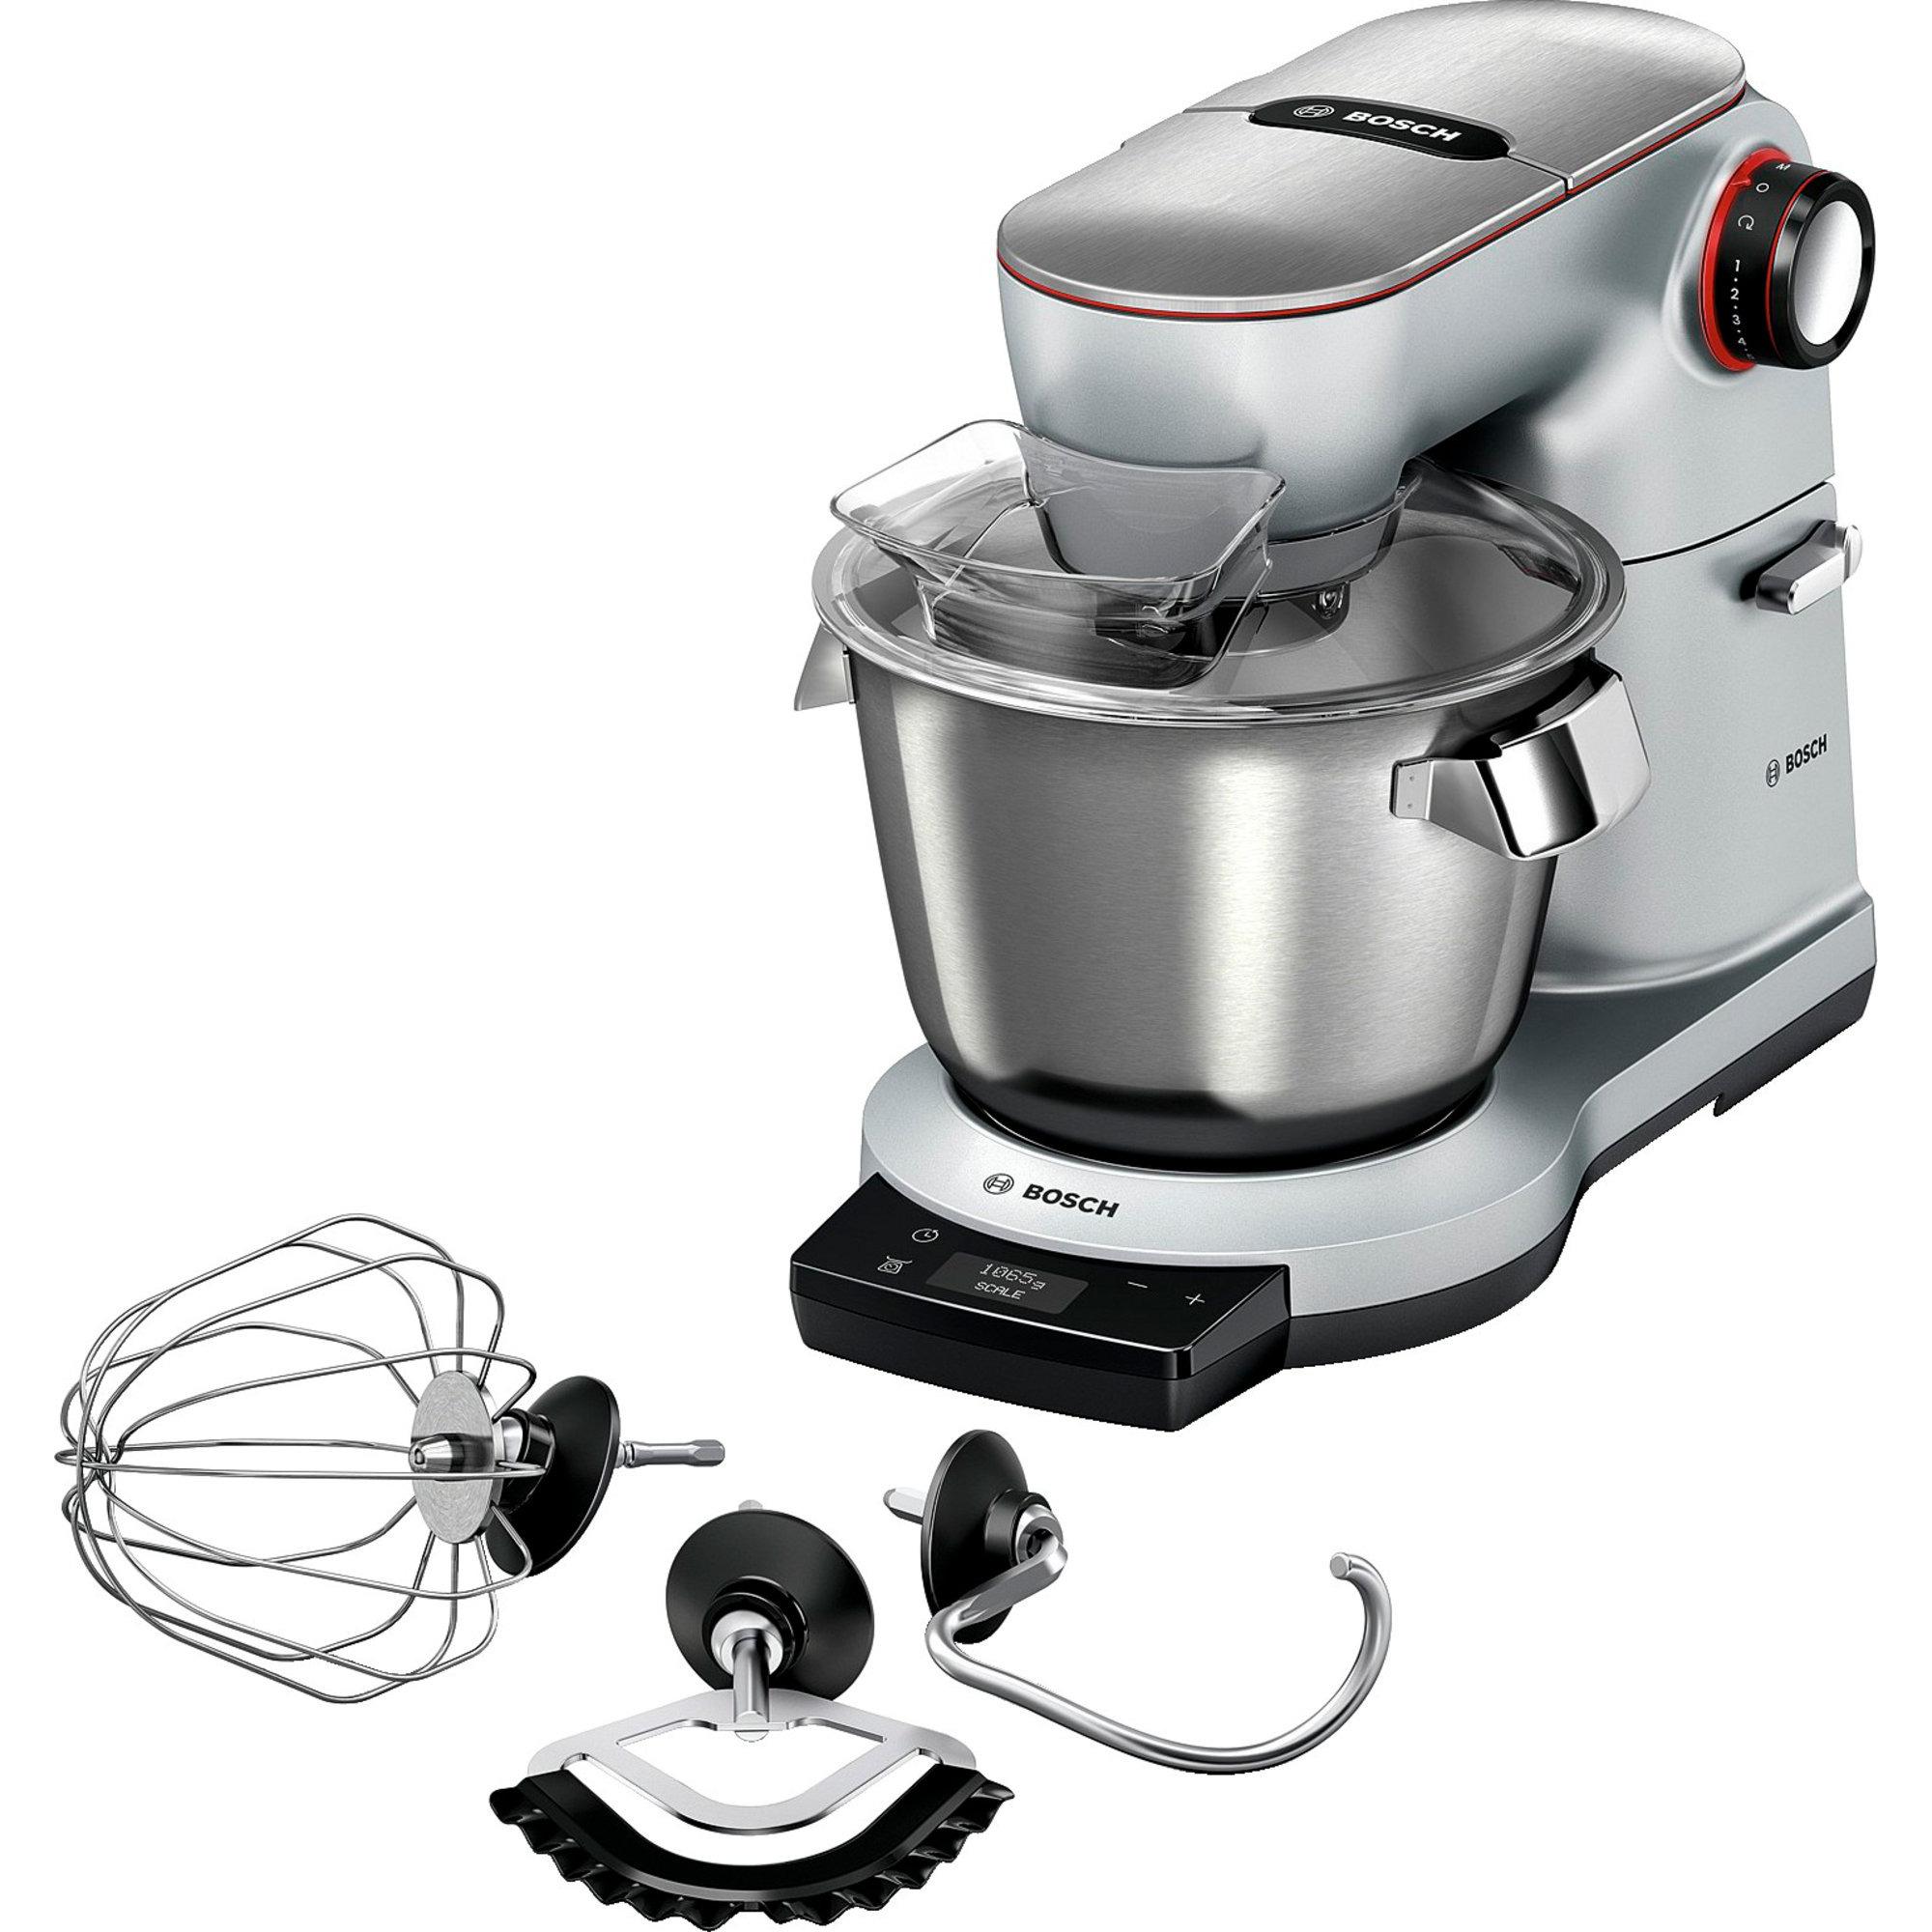 Bosch OptiMUM Köksmaskin med inbyggd timer/våg Silver